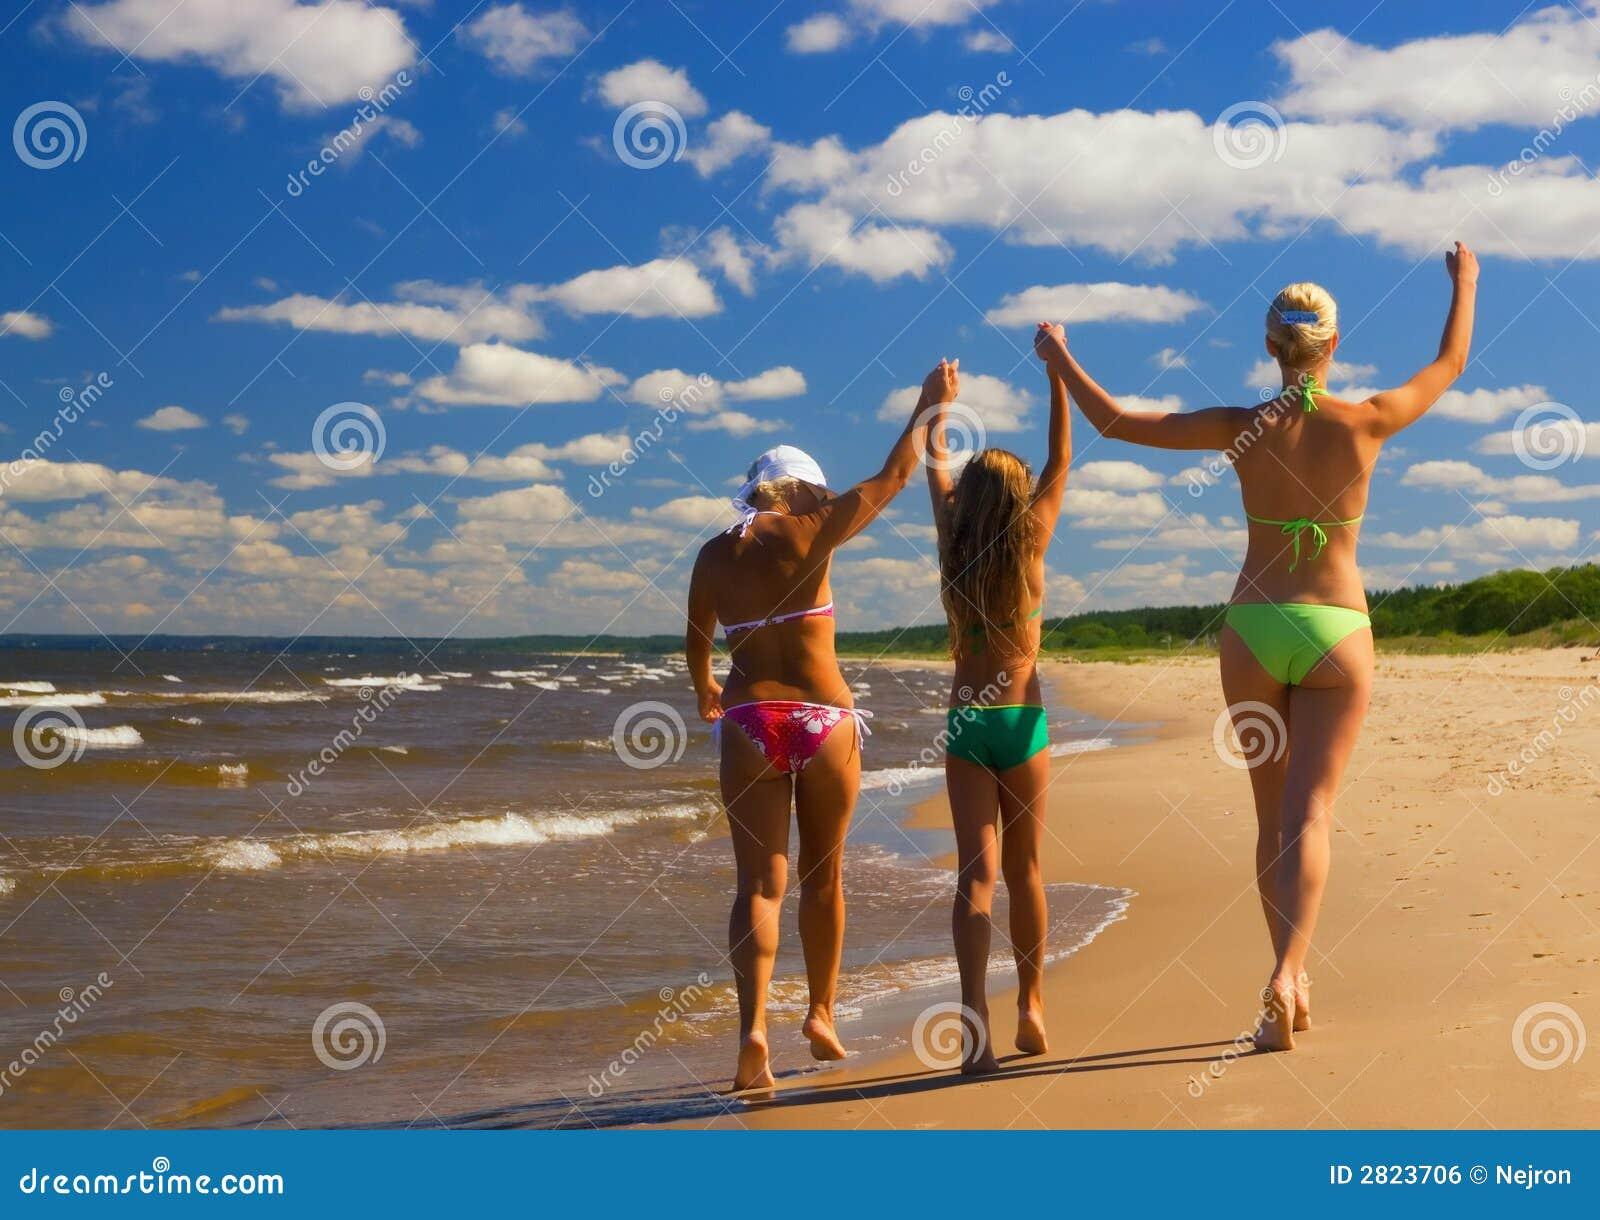 Фото с пляжей мам и дочек 4 фотография